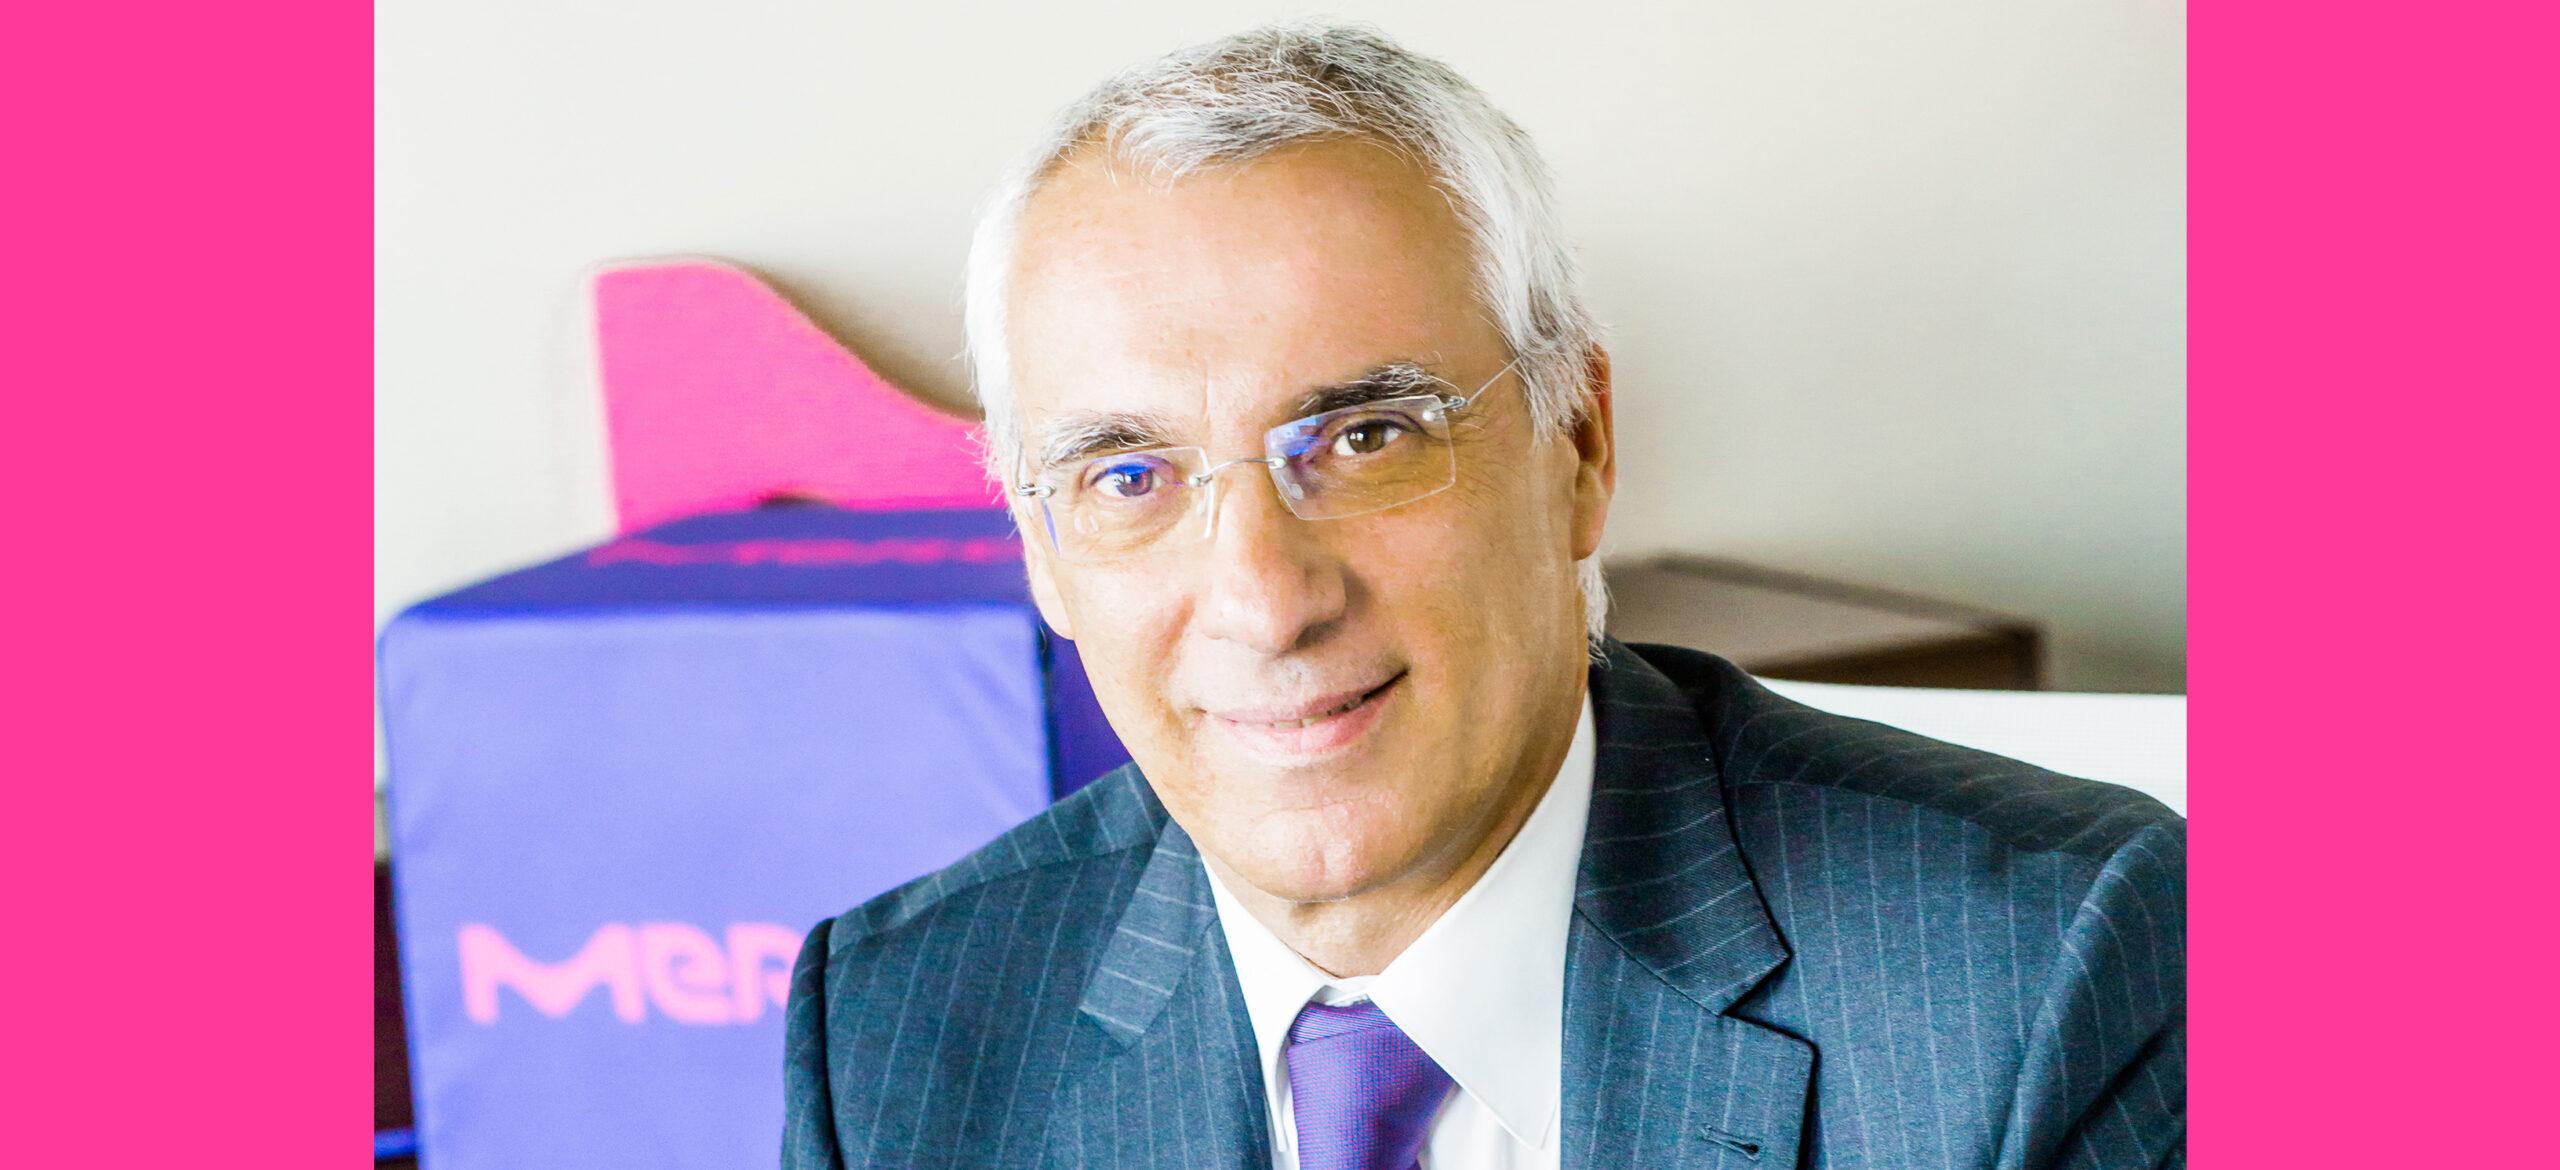 Alejandro Expoósito, Director de Innovación de Merck en España